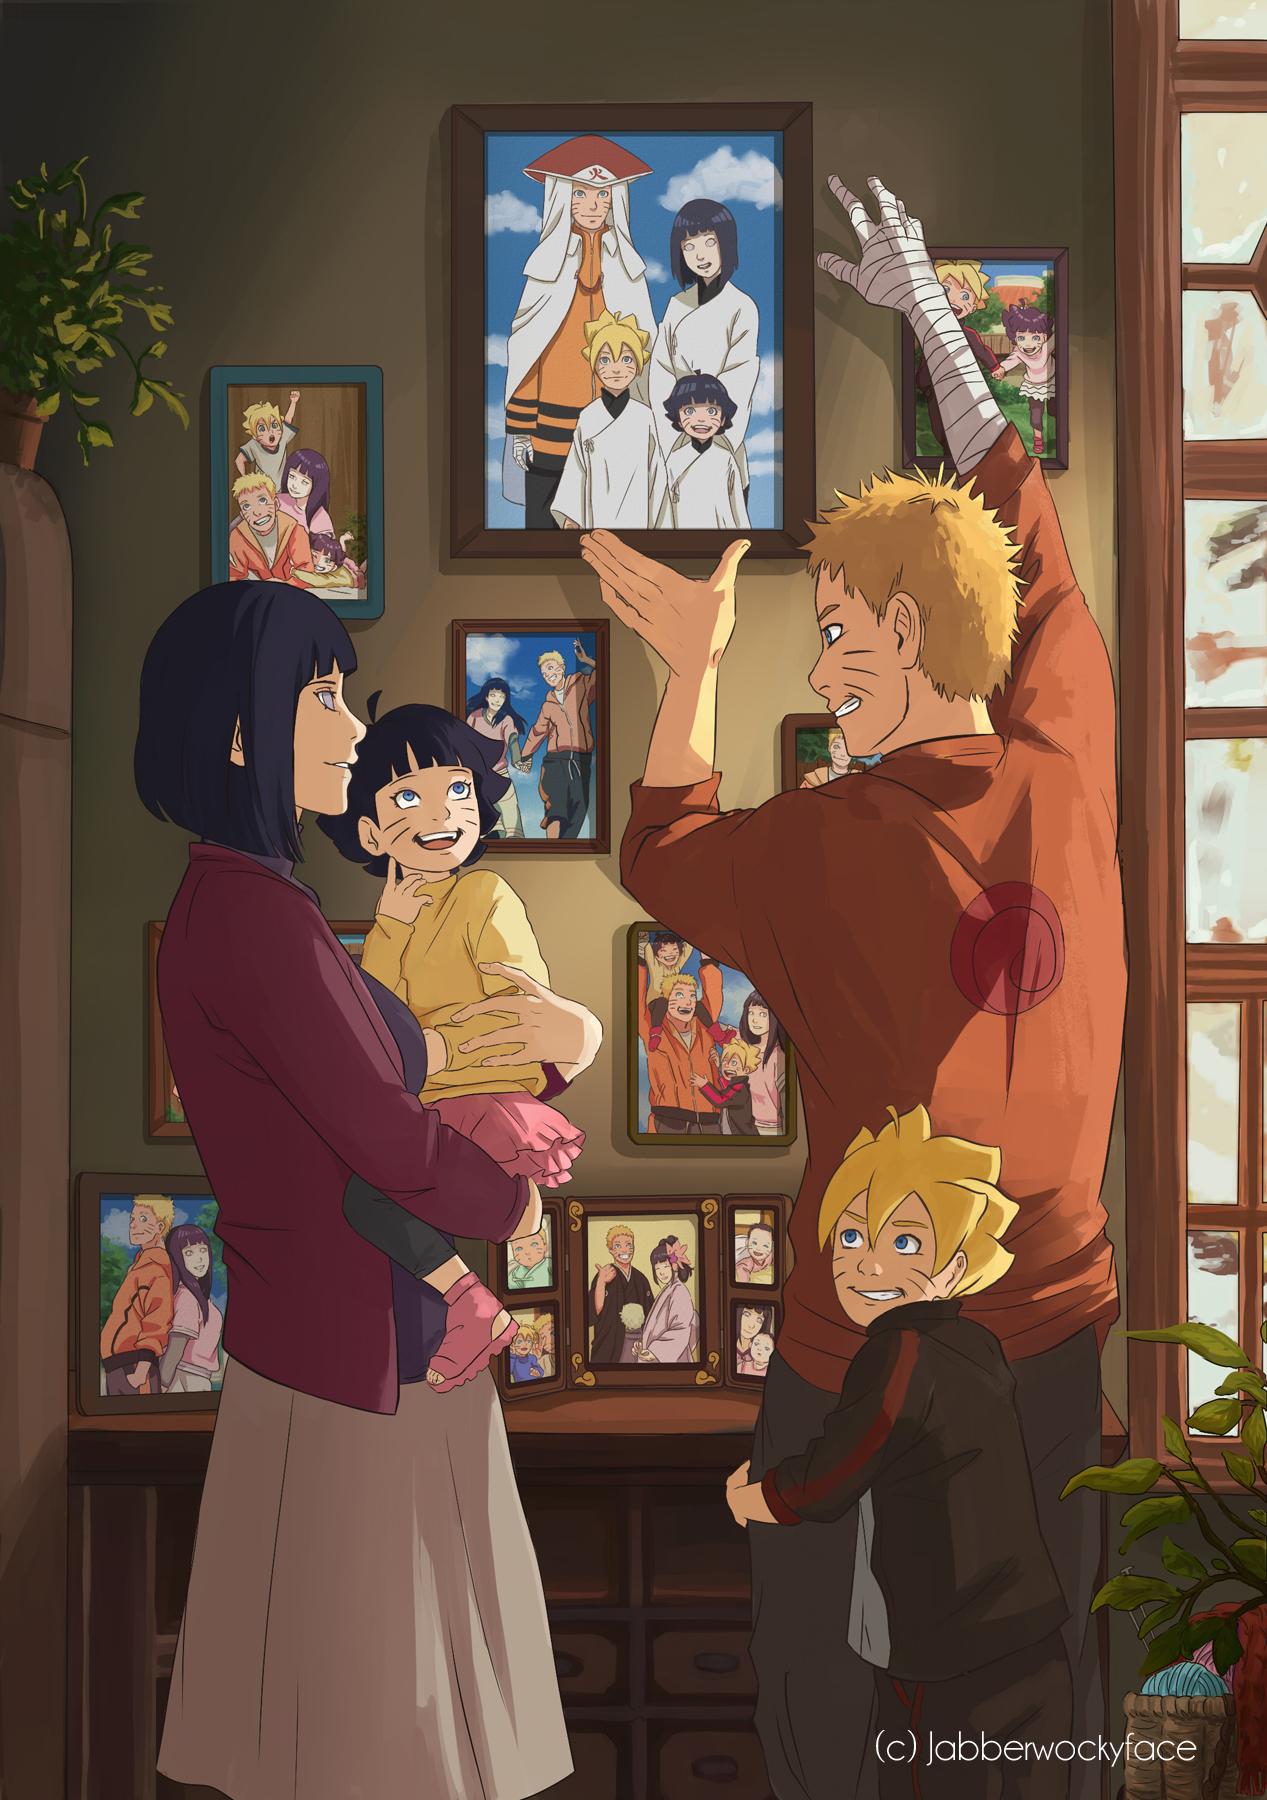 Best Wallpaper Mobile Family - Uzumaki  Image_624213.jpg